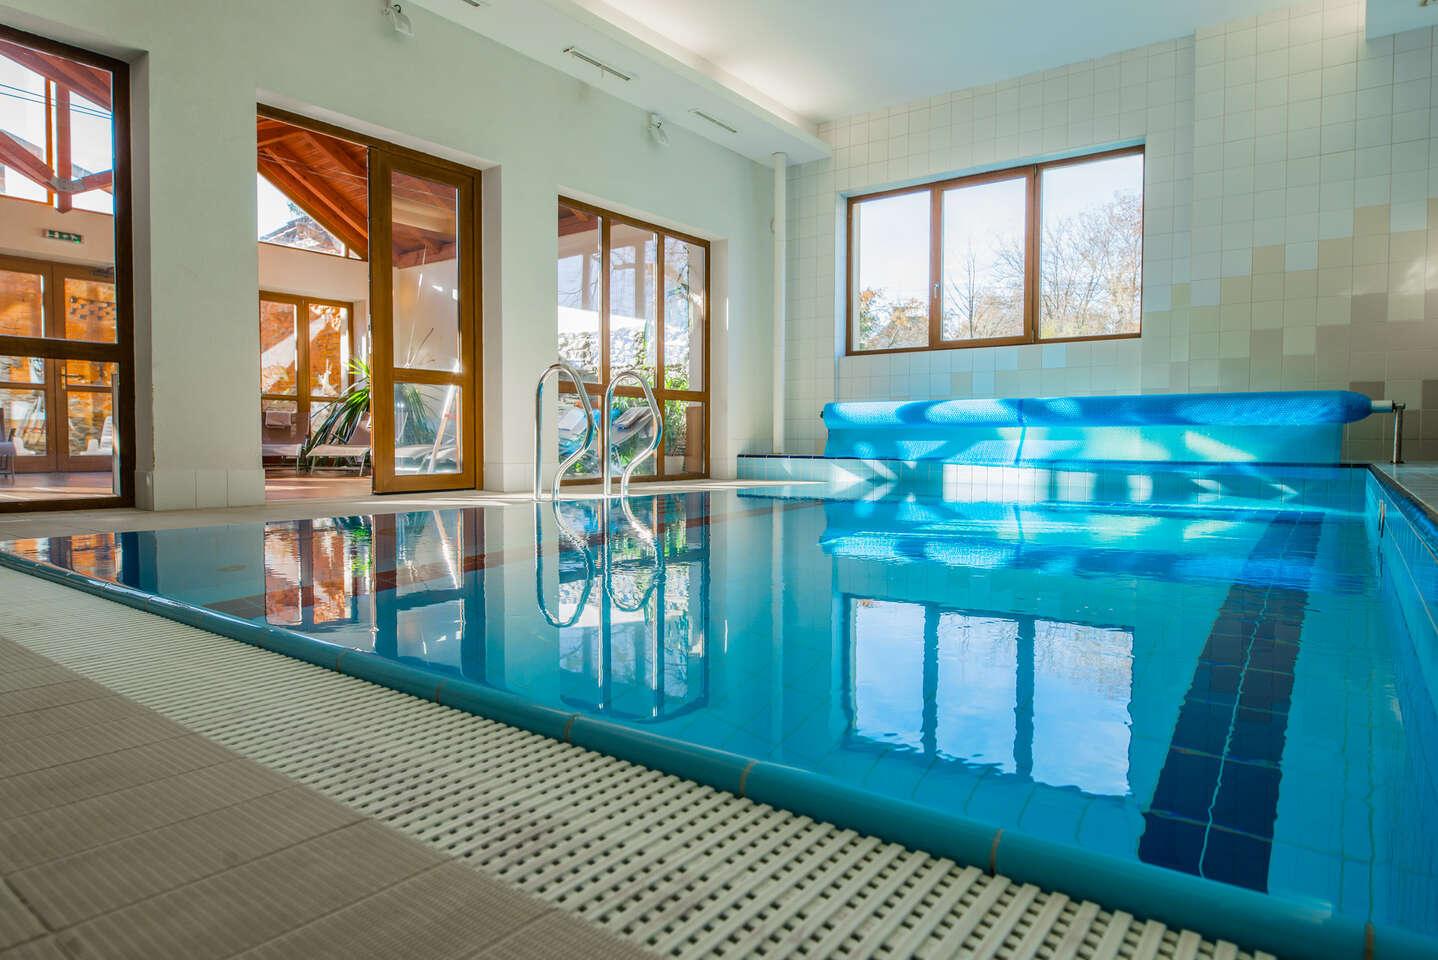 Zlaté Hory v Jeseníkách z hotelu Praděd Thamm s polopenzí, wellness bez omezení a platností do června 2021